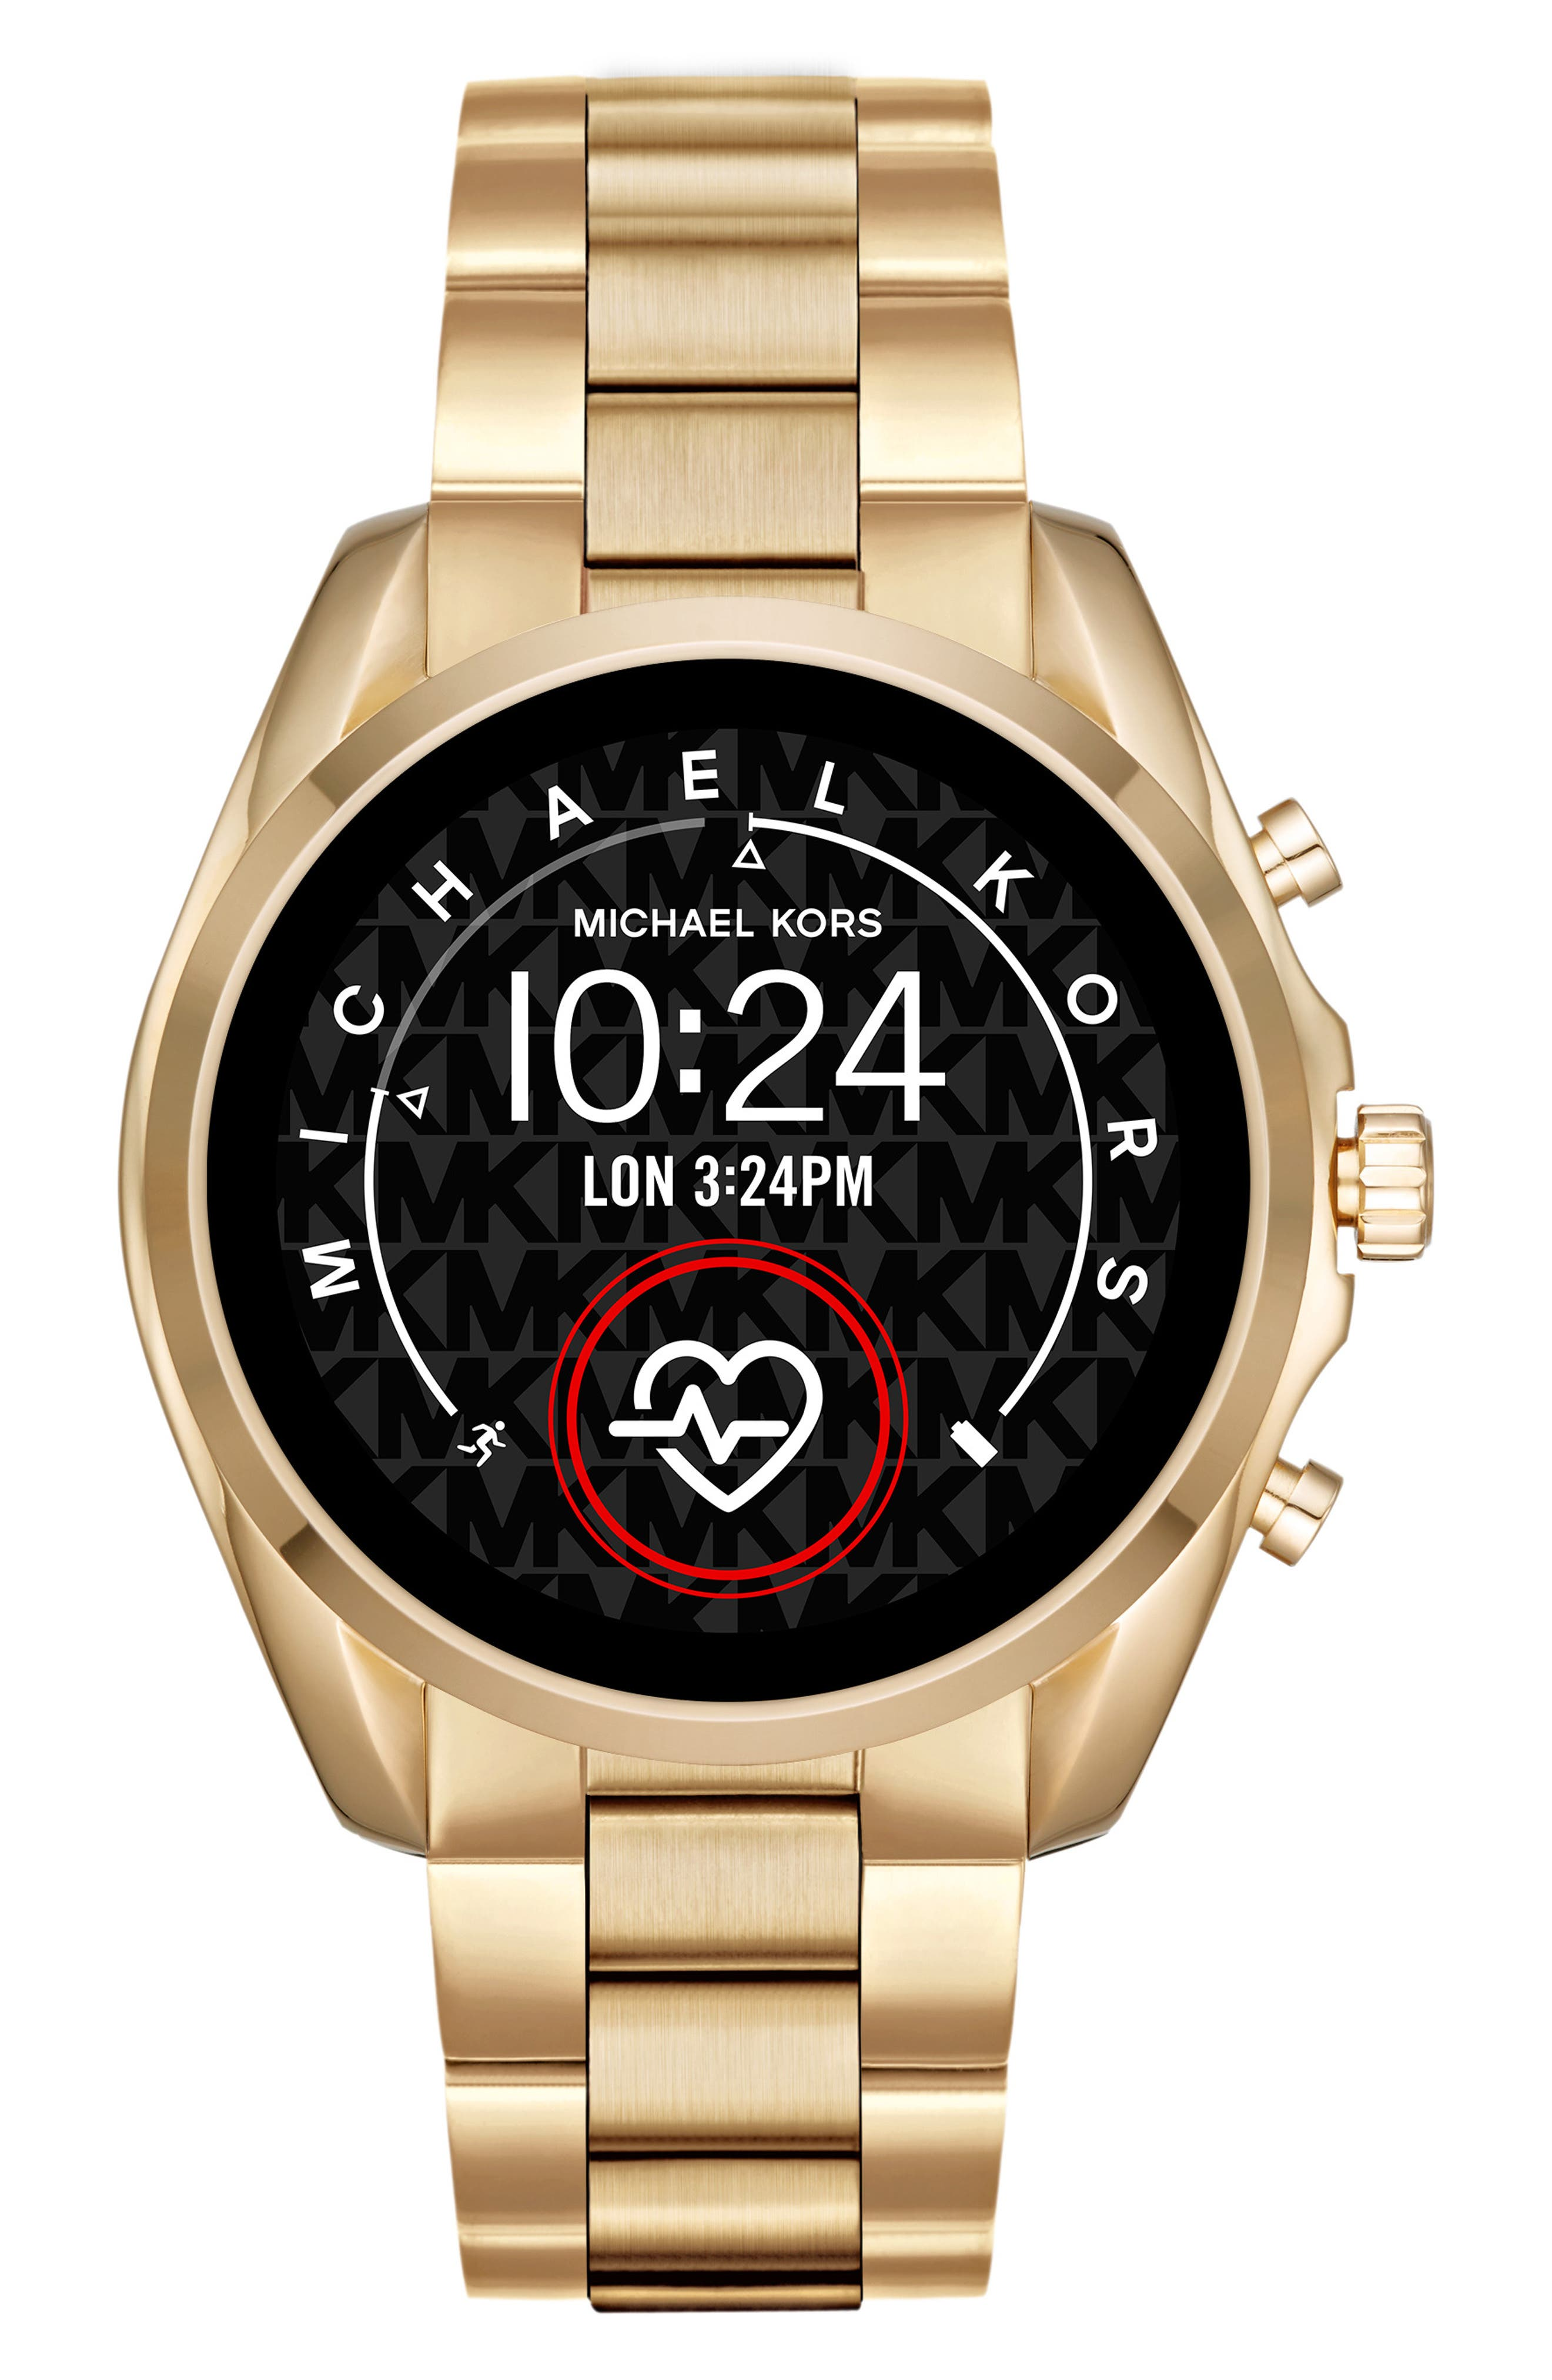 Image of MICHAEL KORS ACCESSORIES Gen 5 Bradshaw Bracelet Smartwatch, 44mm